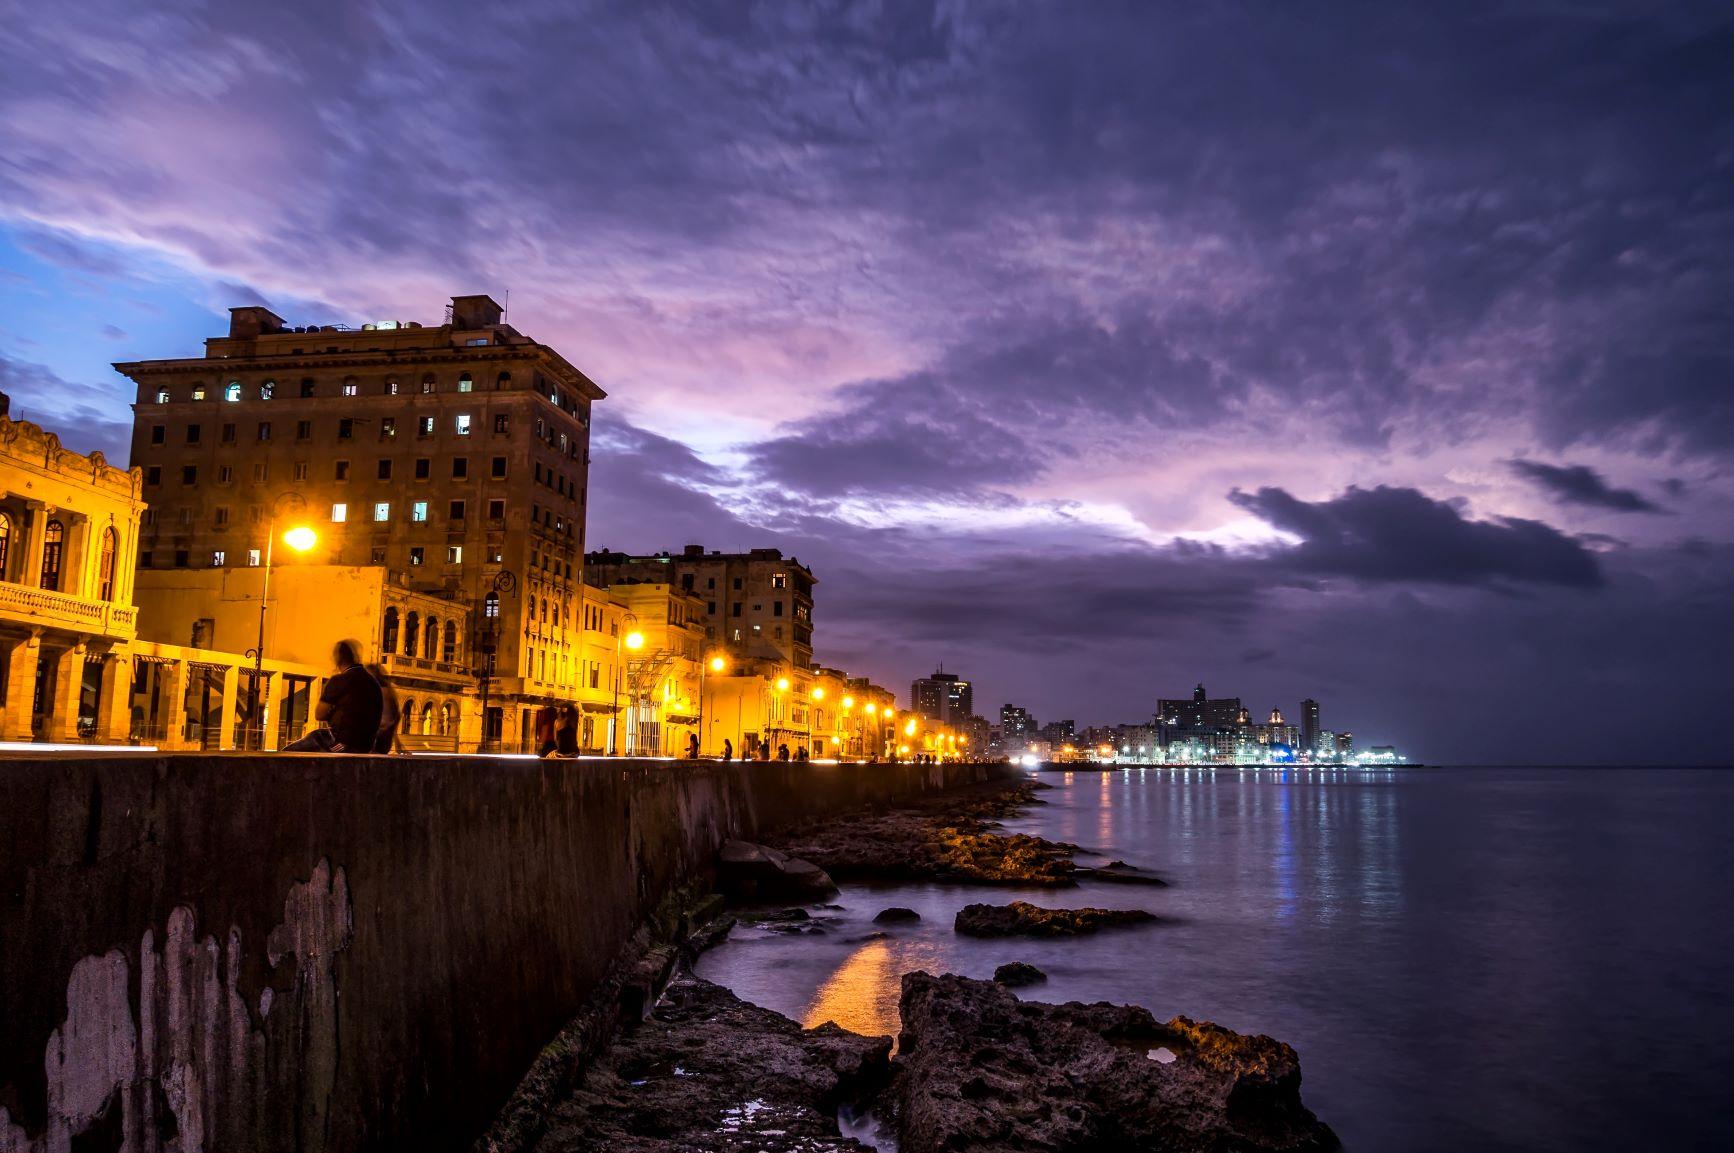 Malecon Kuba nachts - Eine Nacht in Havanna